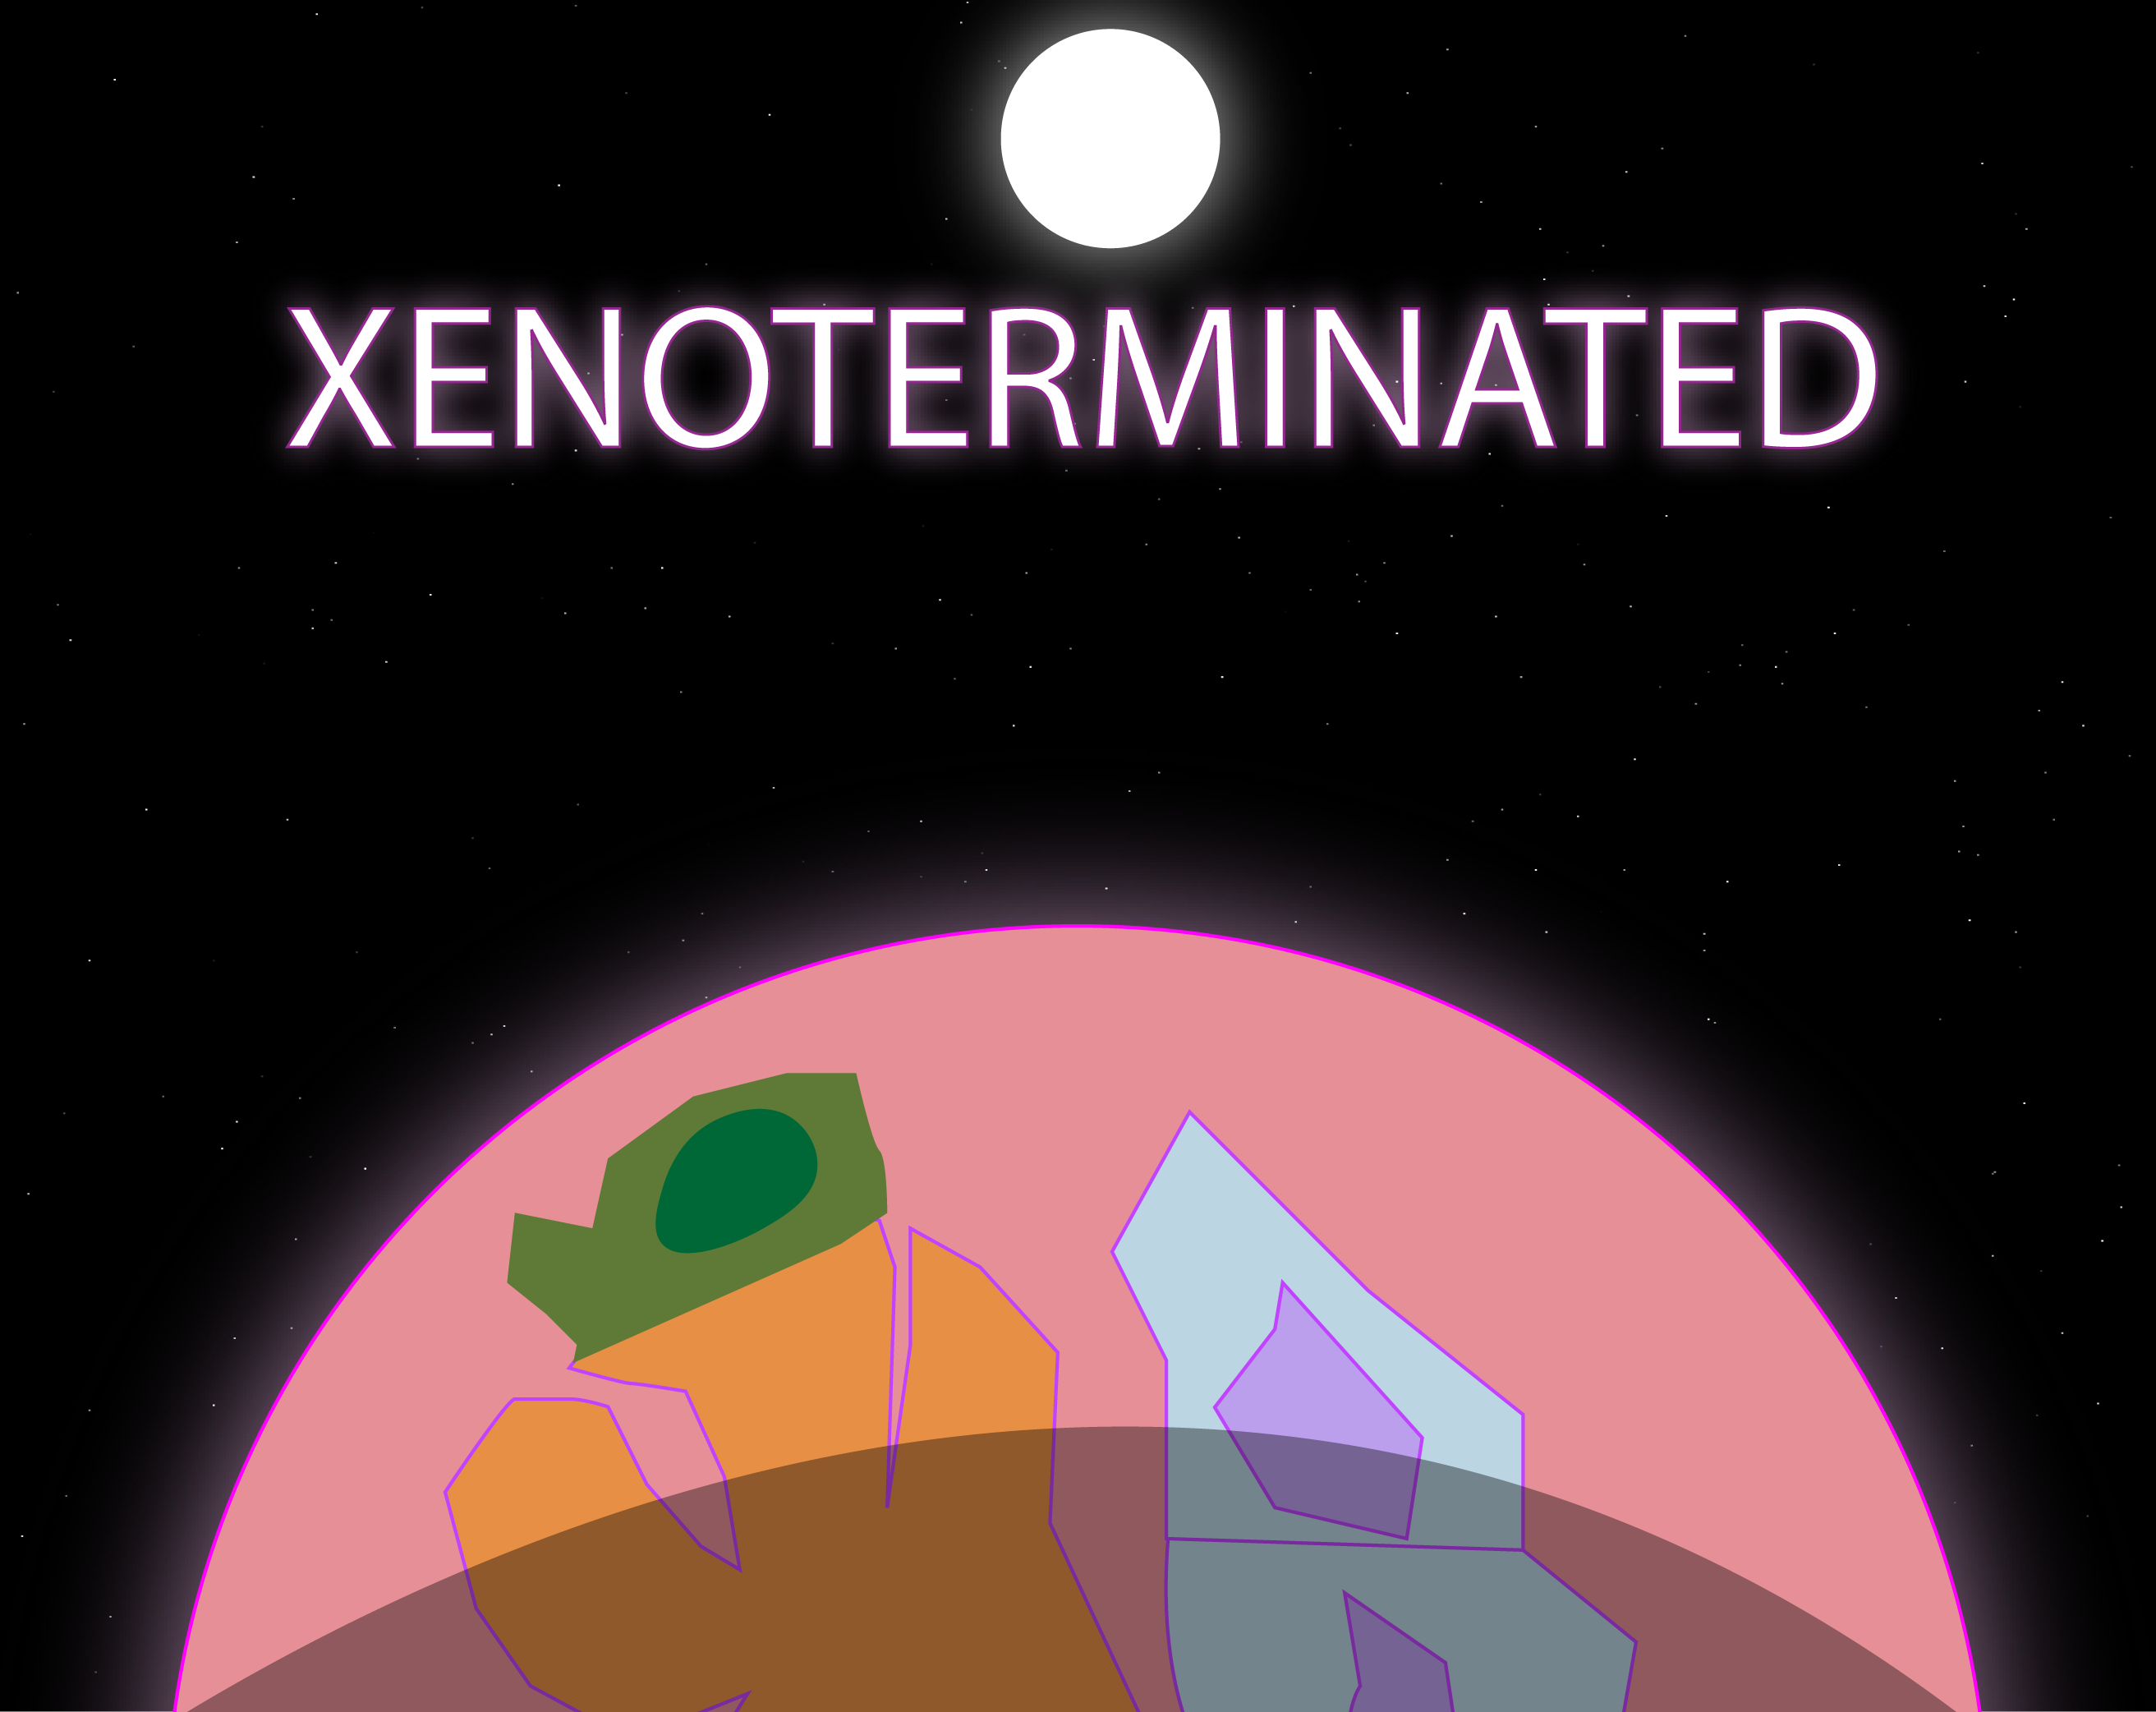 Xenoterminated